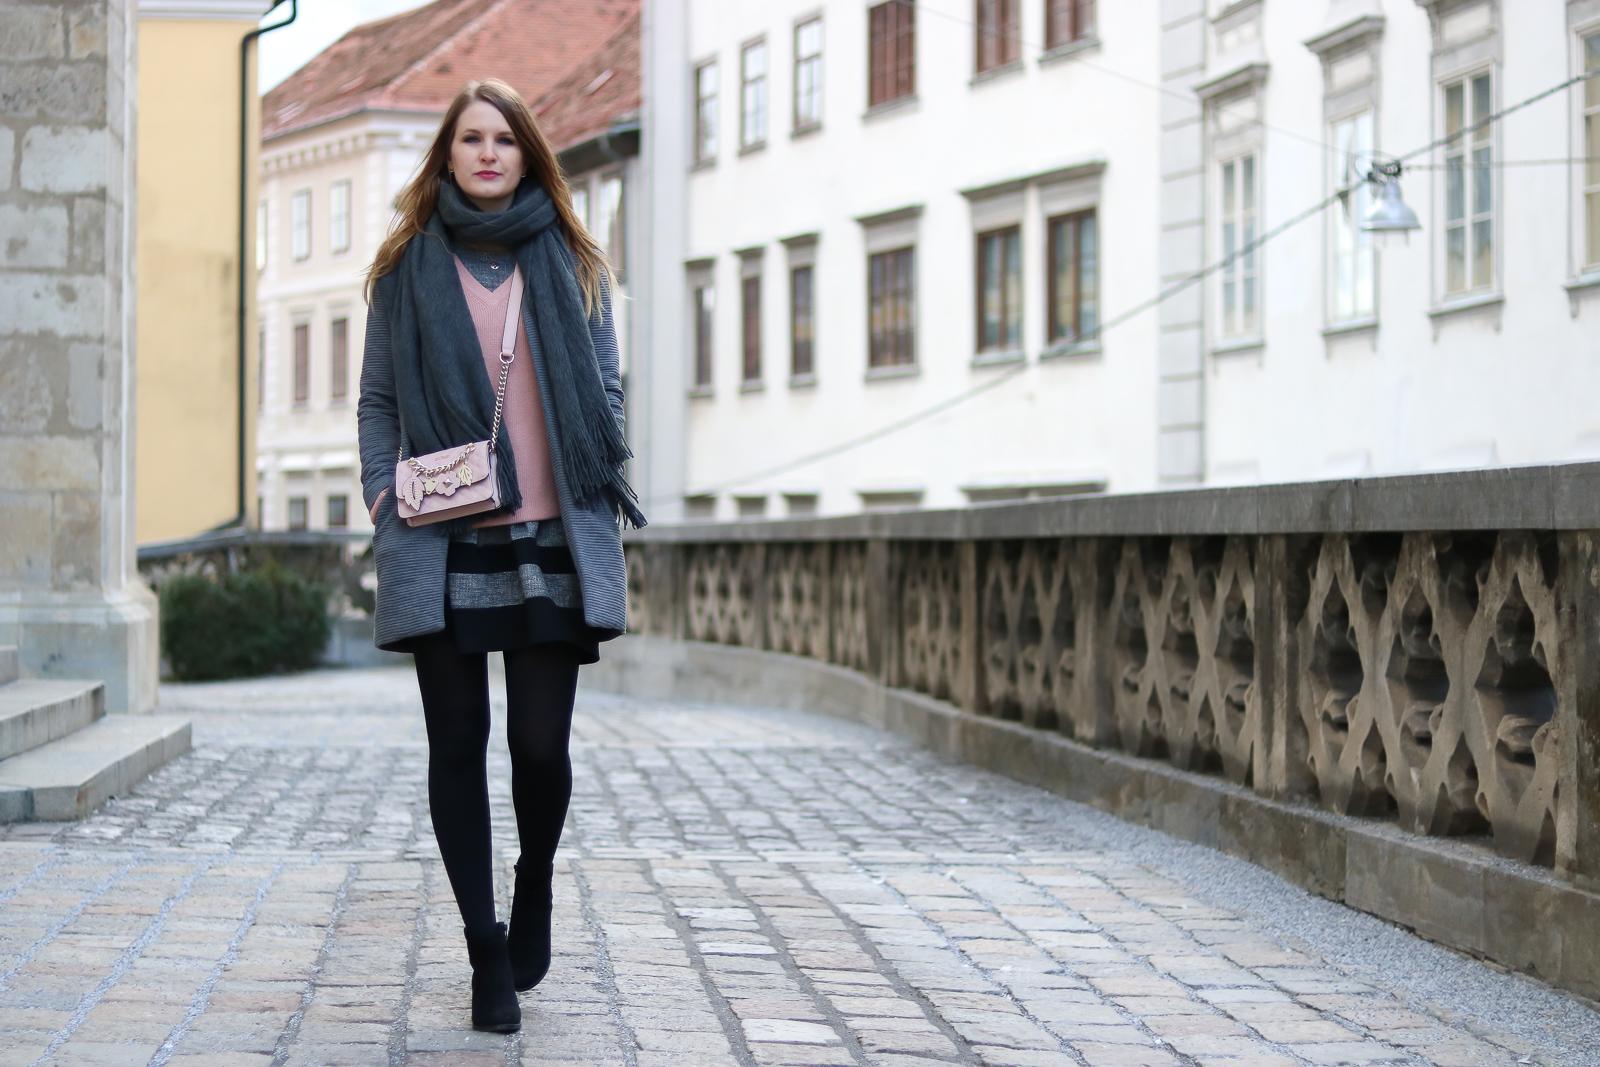 Kleider Winterlich Stylen Mit Diesen Tricks Gelingt Es Dir Fashionladyloves